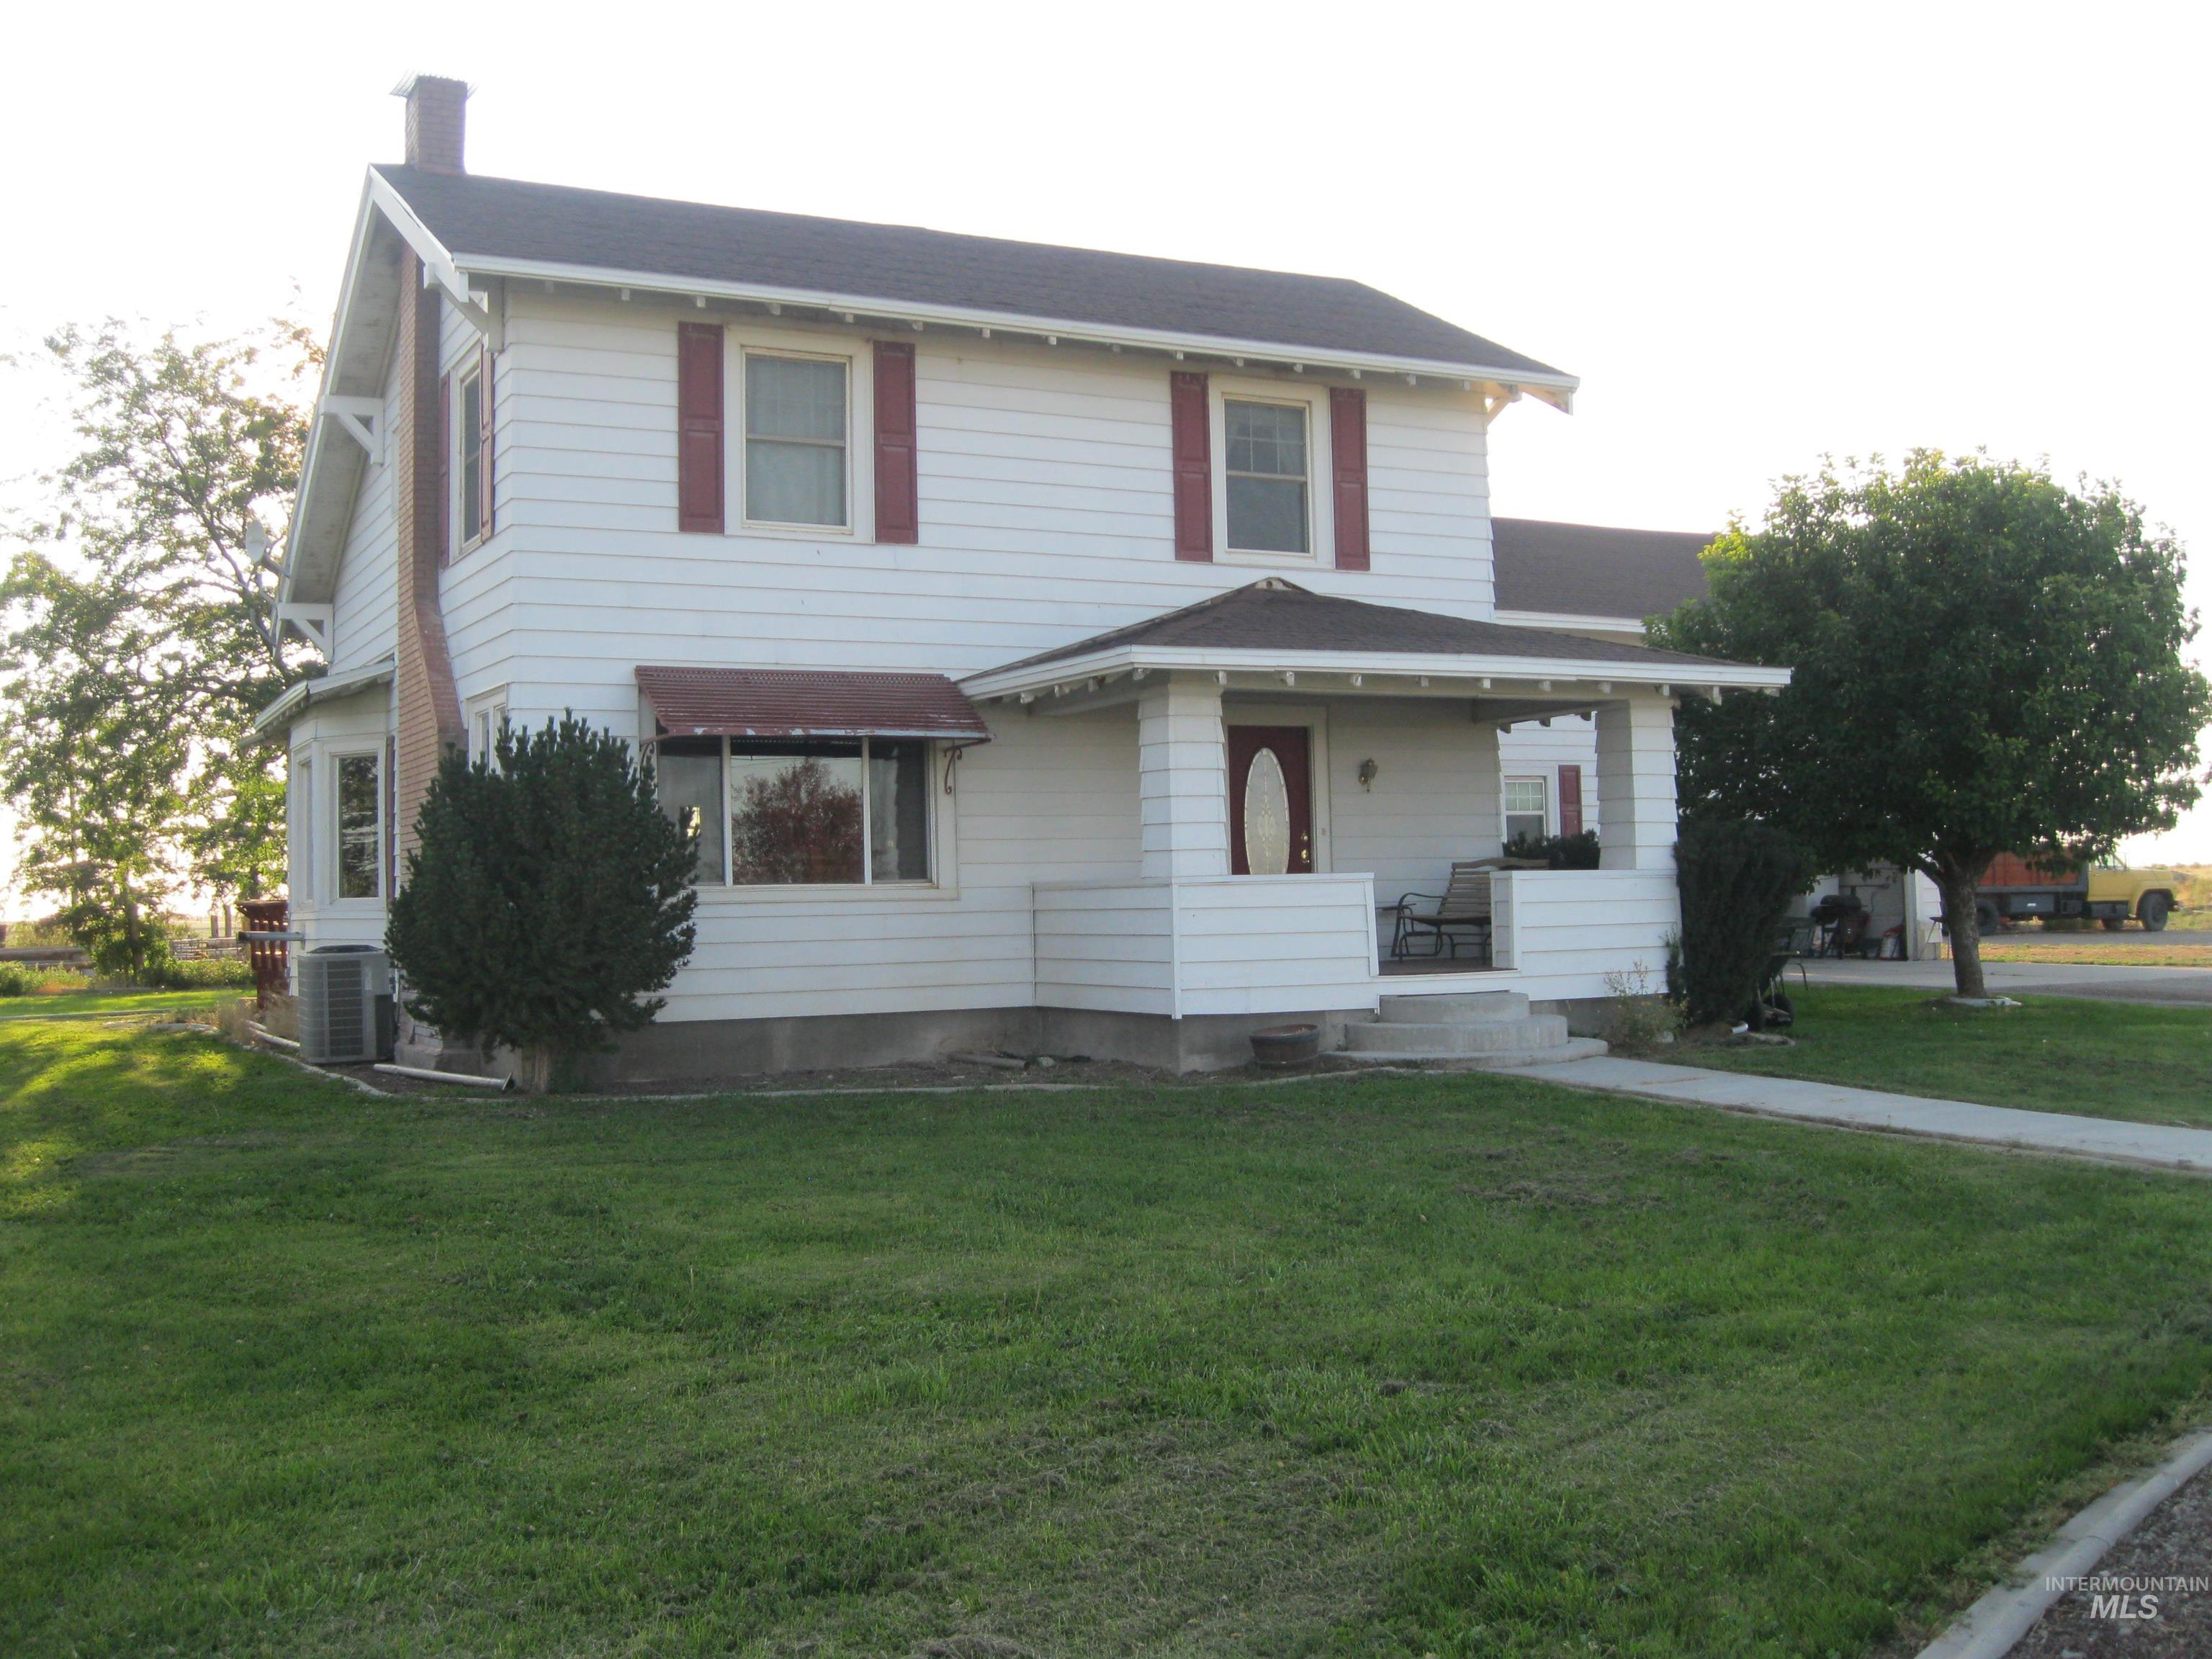 591 S 700 W Property Photo